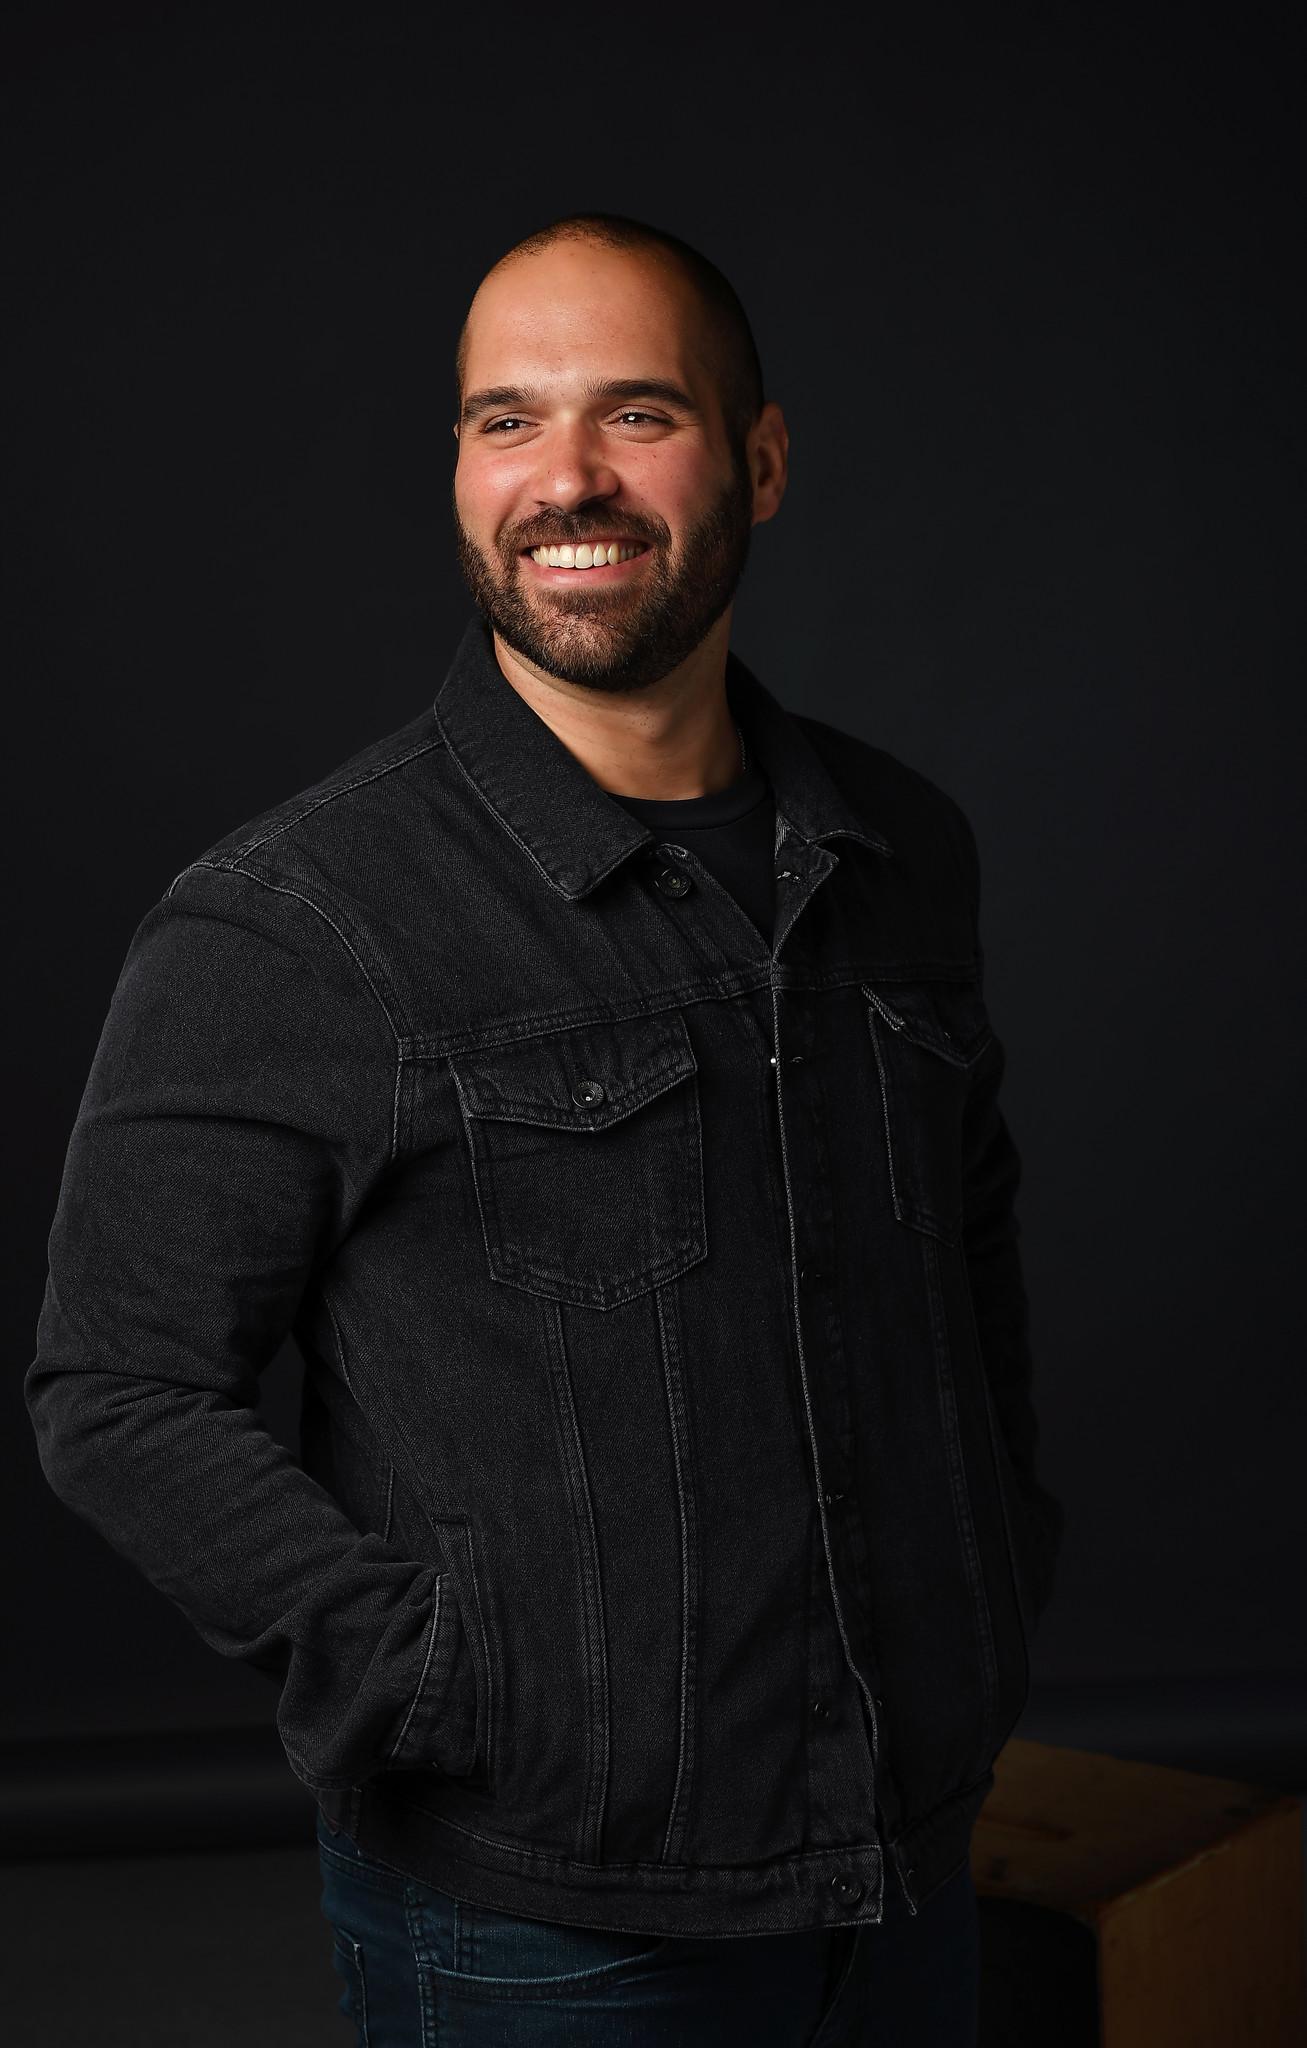 Playwright Marco Ramirez